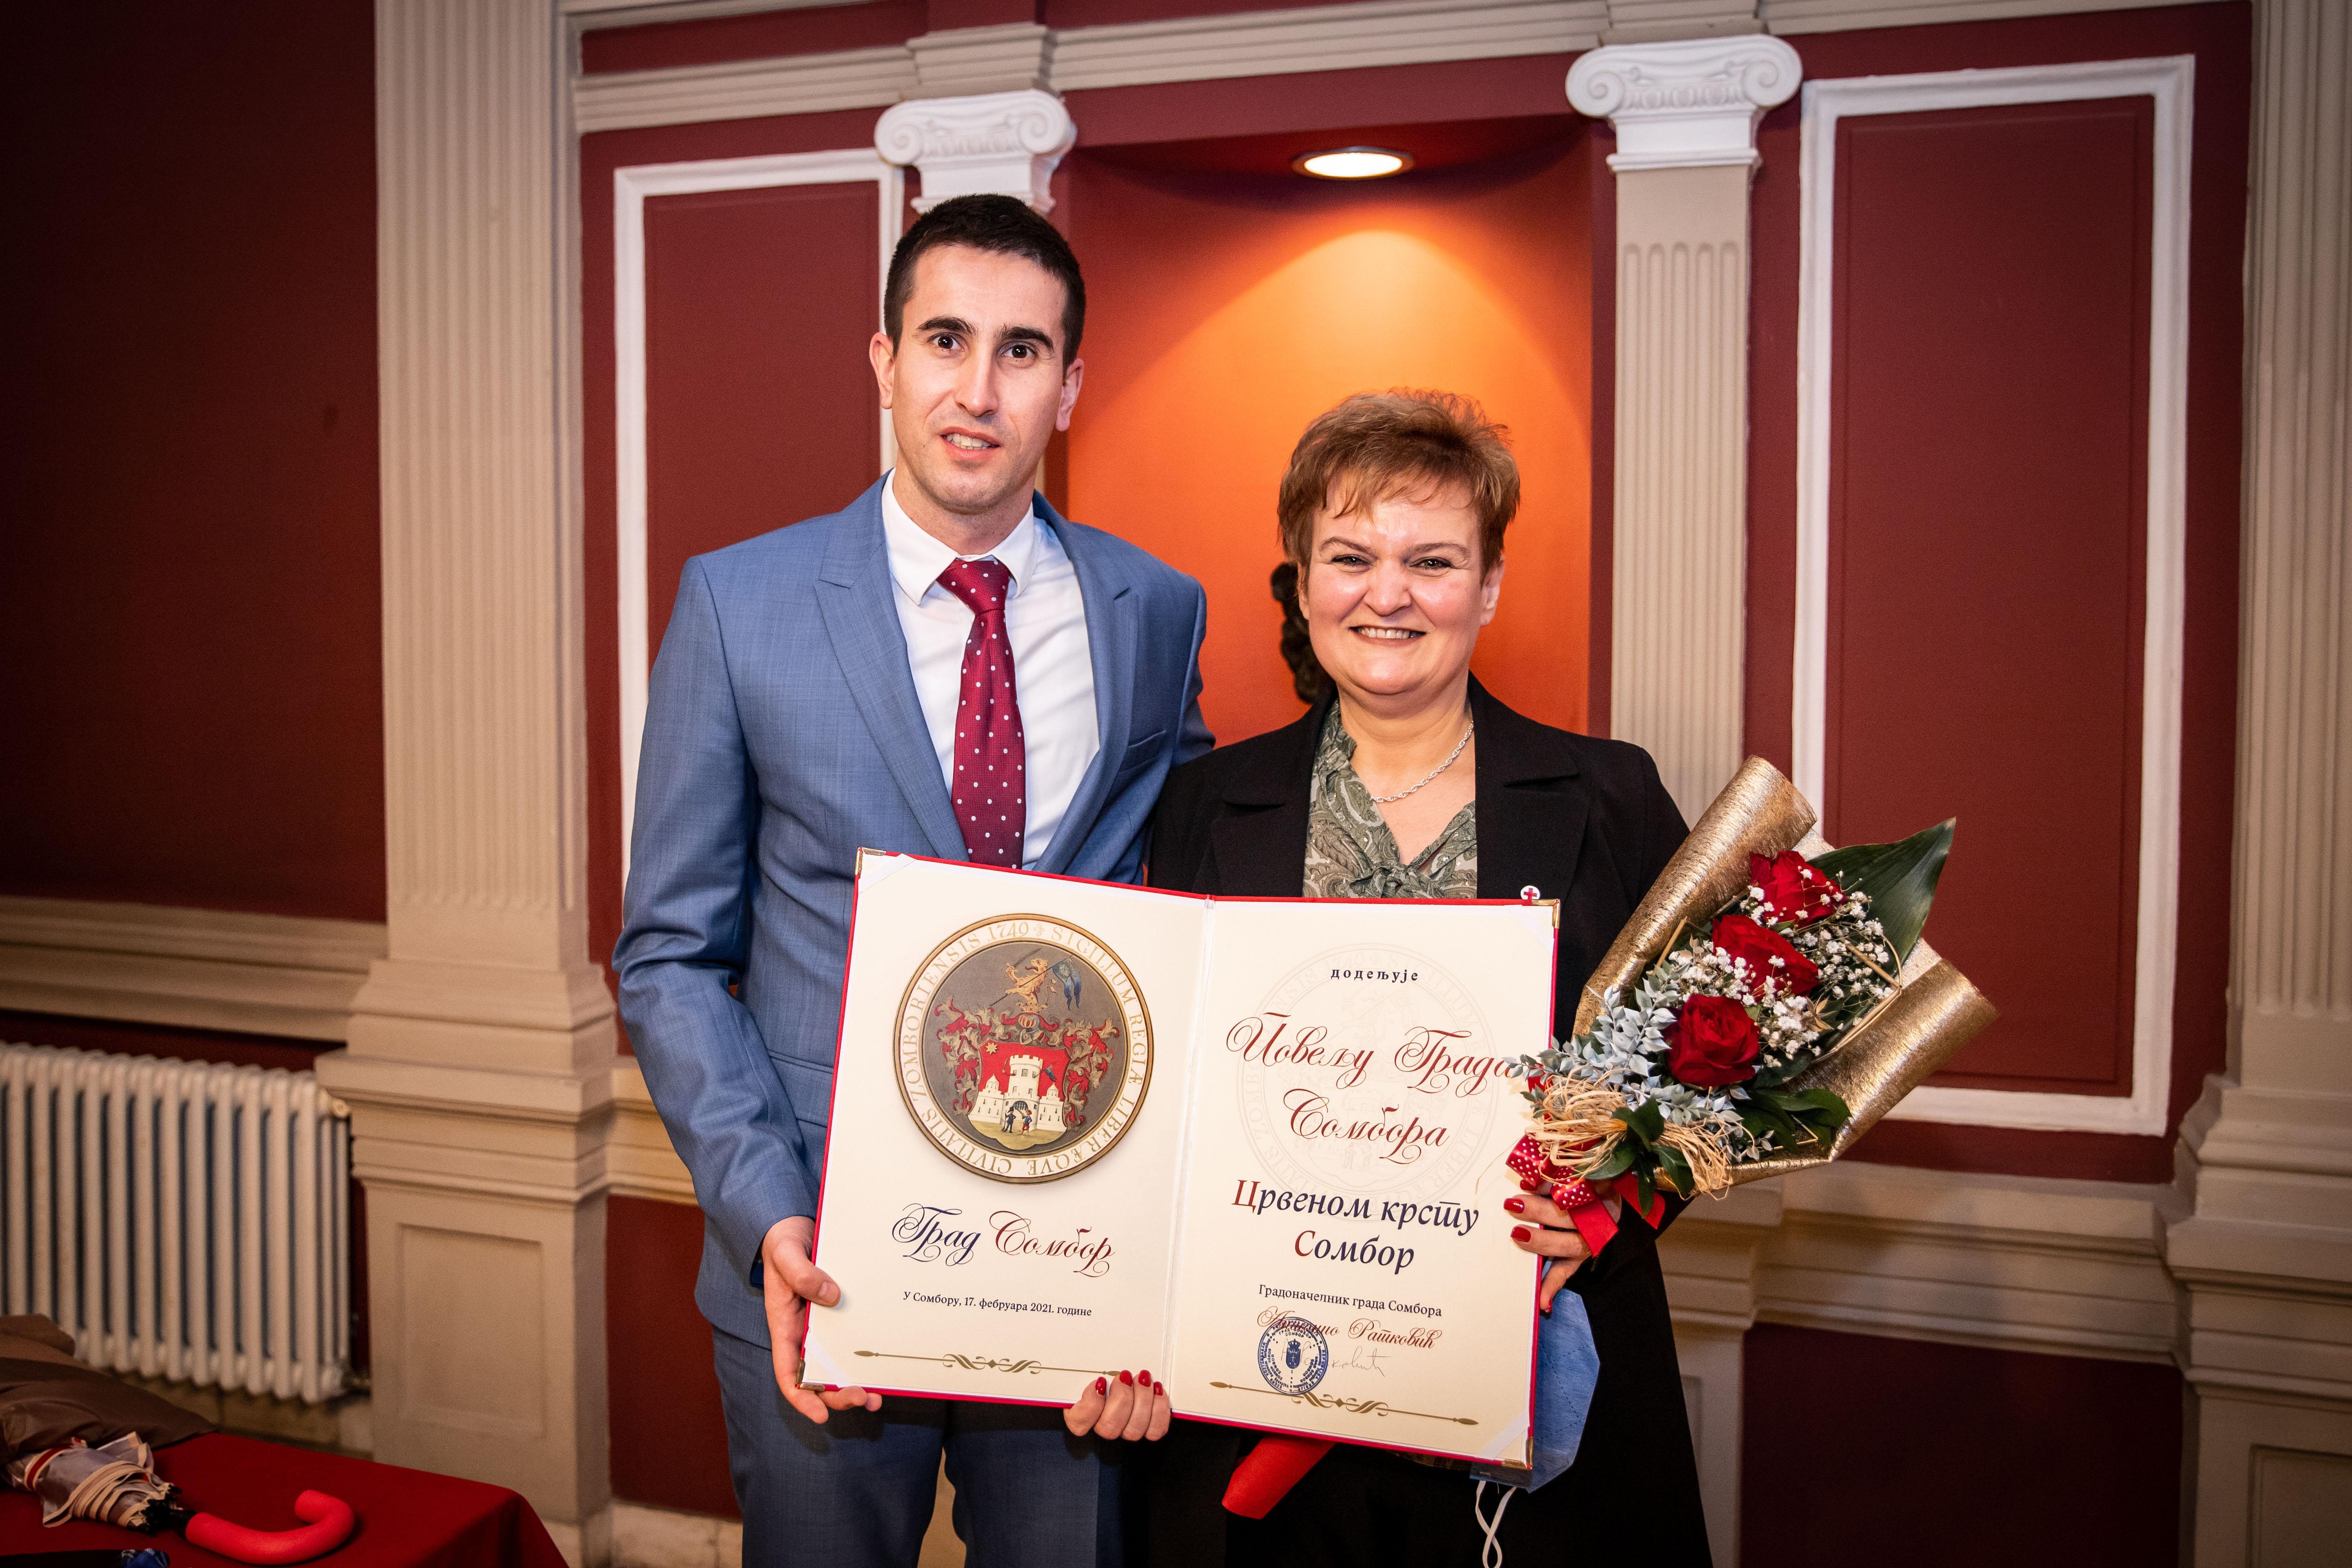 Градоначелник Антонио Ратковић и секретарка Црвеног крста Сомбор Биљана Клипа